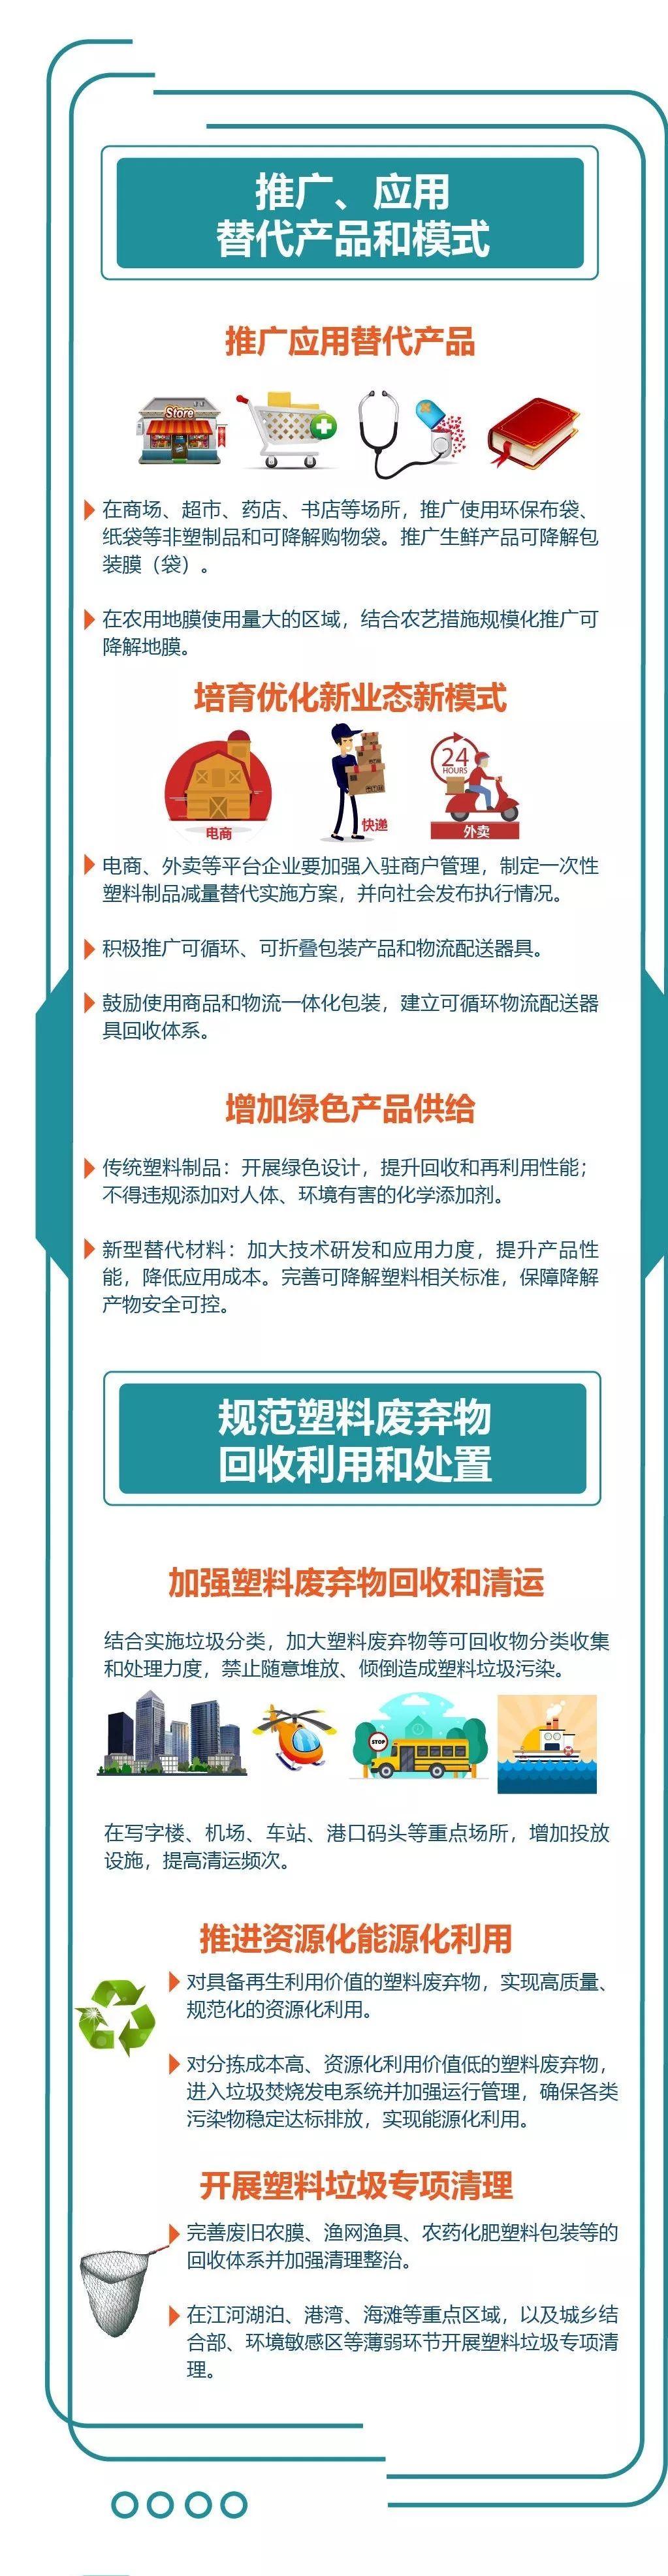 """紧急!史上最强""""禁塑令""""来了!滨州市民这些方面将会受到影响!"""